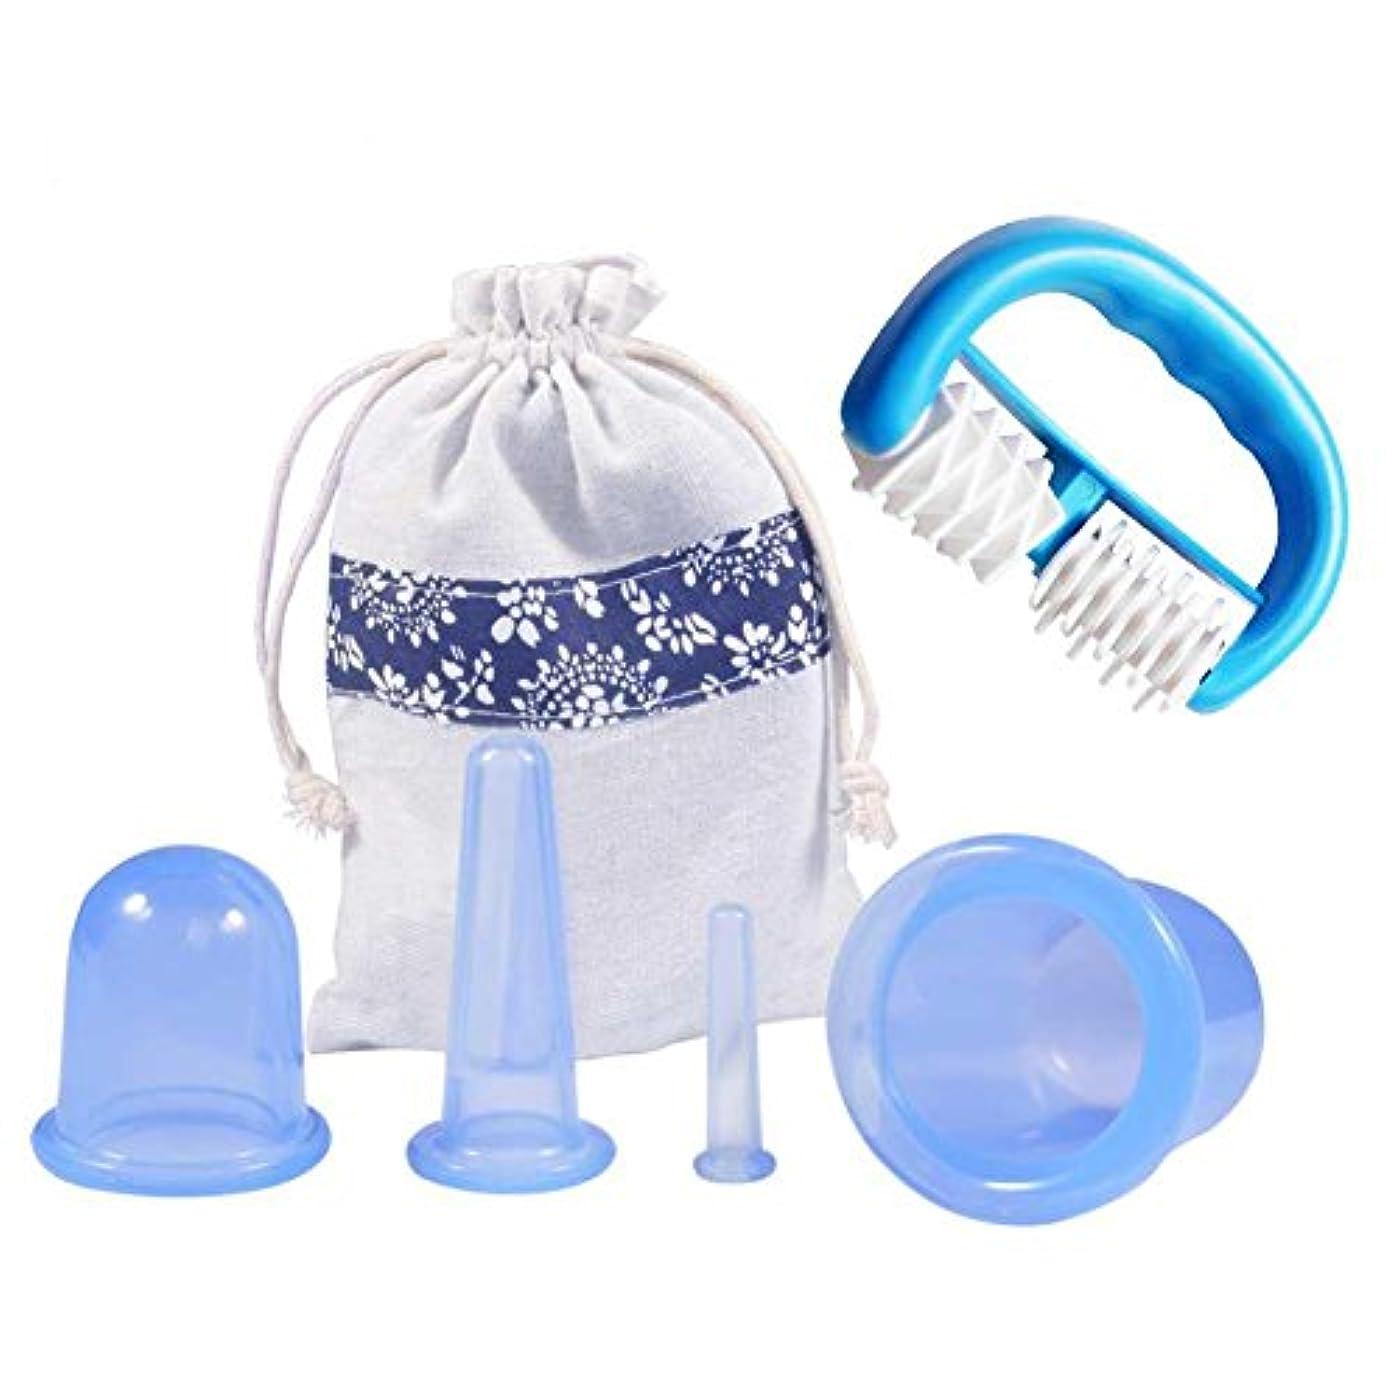 縁石学士舗装Ejoyousカッピングセラピーセット、関節と筋肉痛救済、痛み緩和のためのシリコンアンチセルライトフェイシャルとボディマッサージカッピングカップ